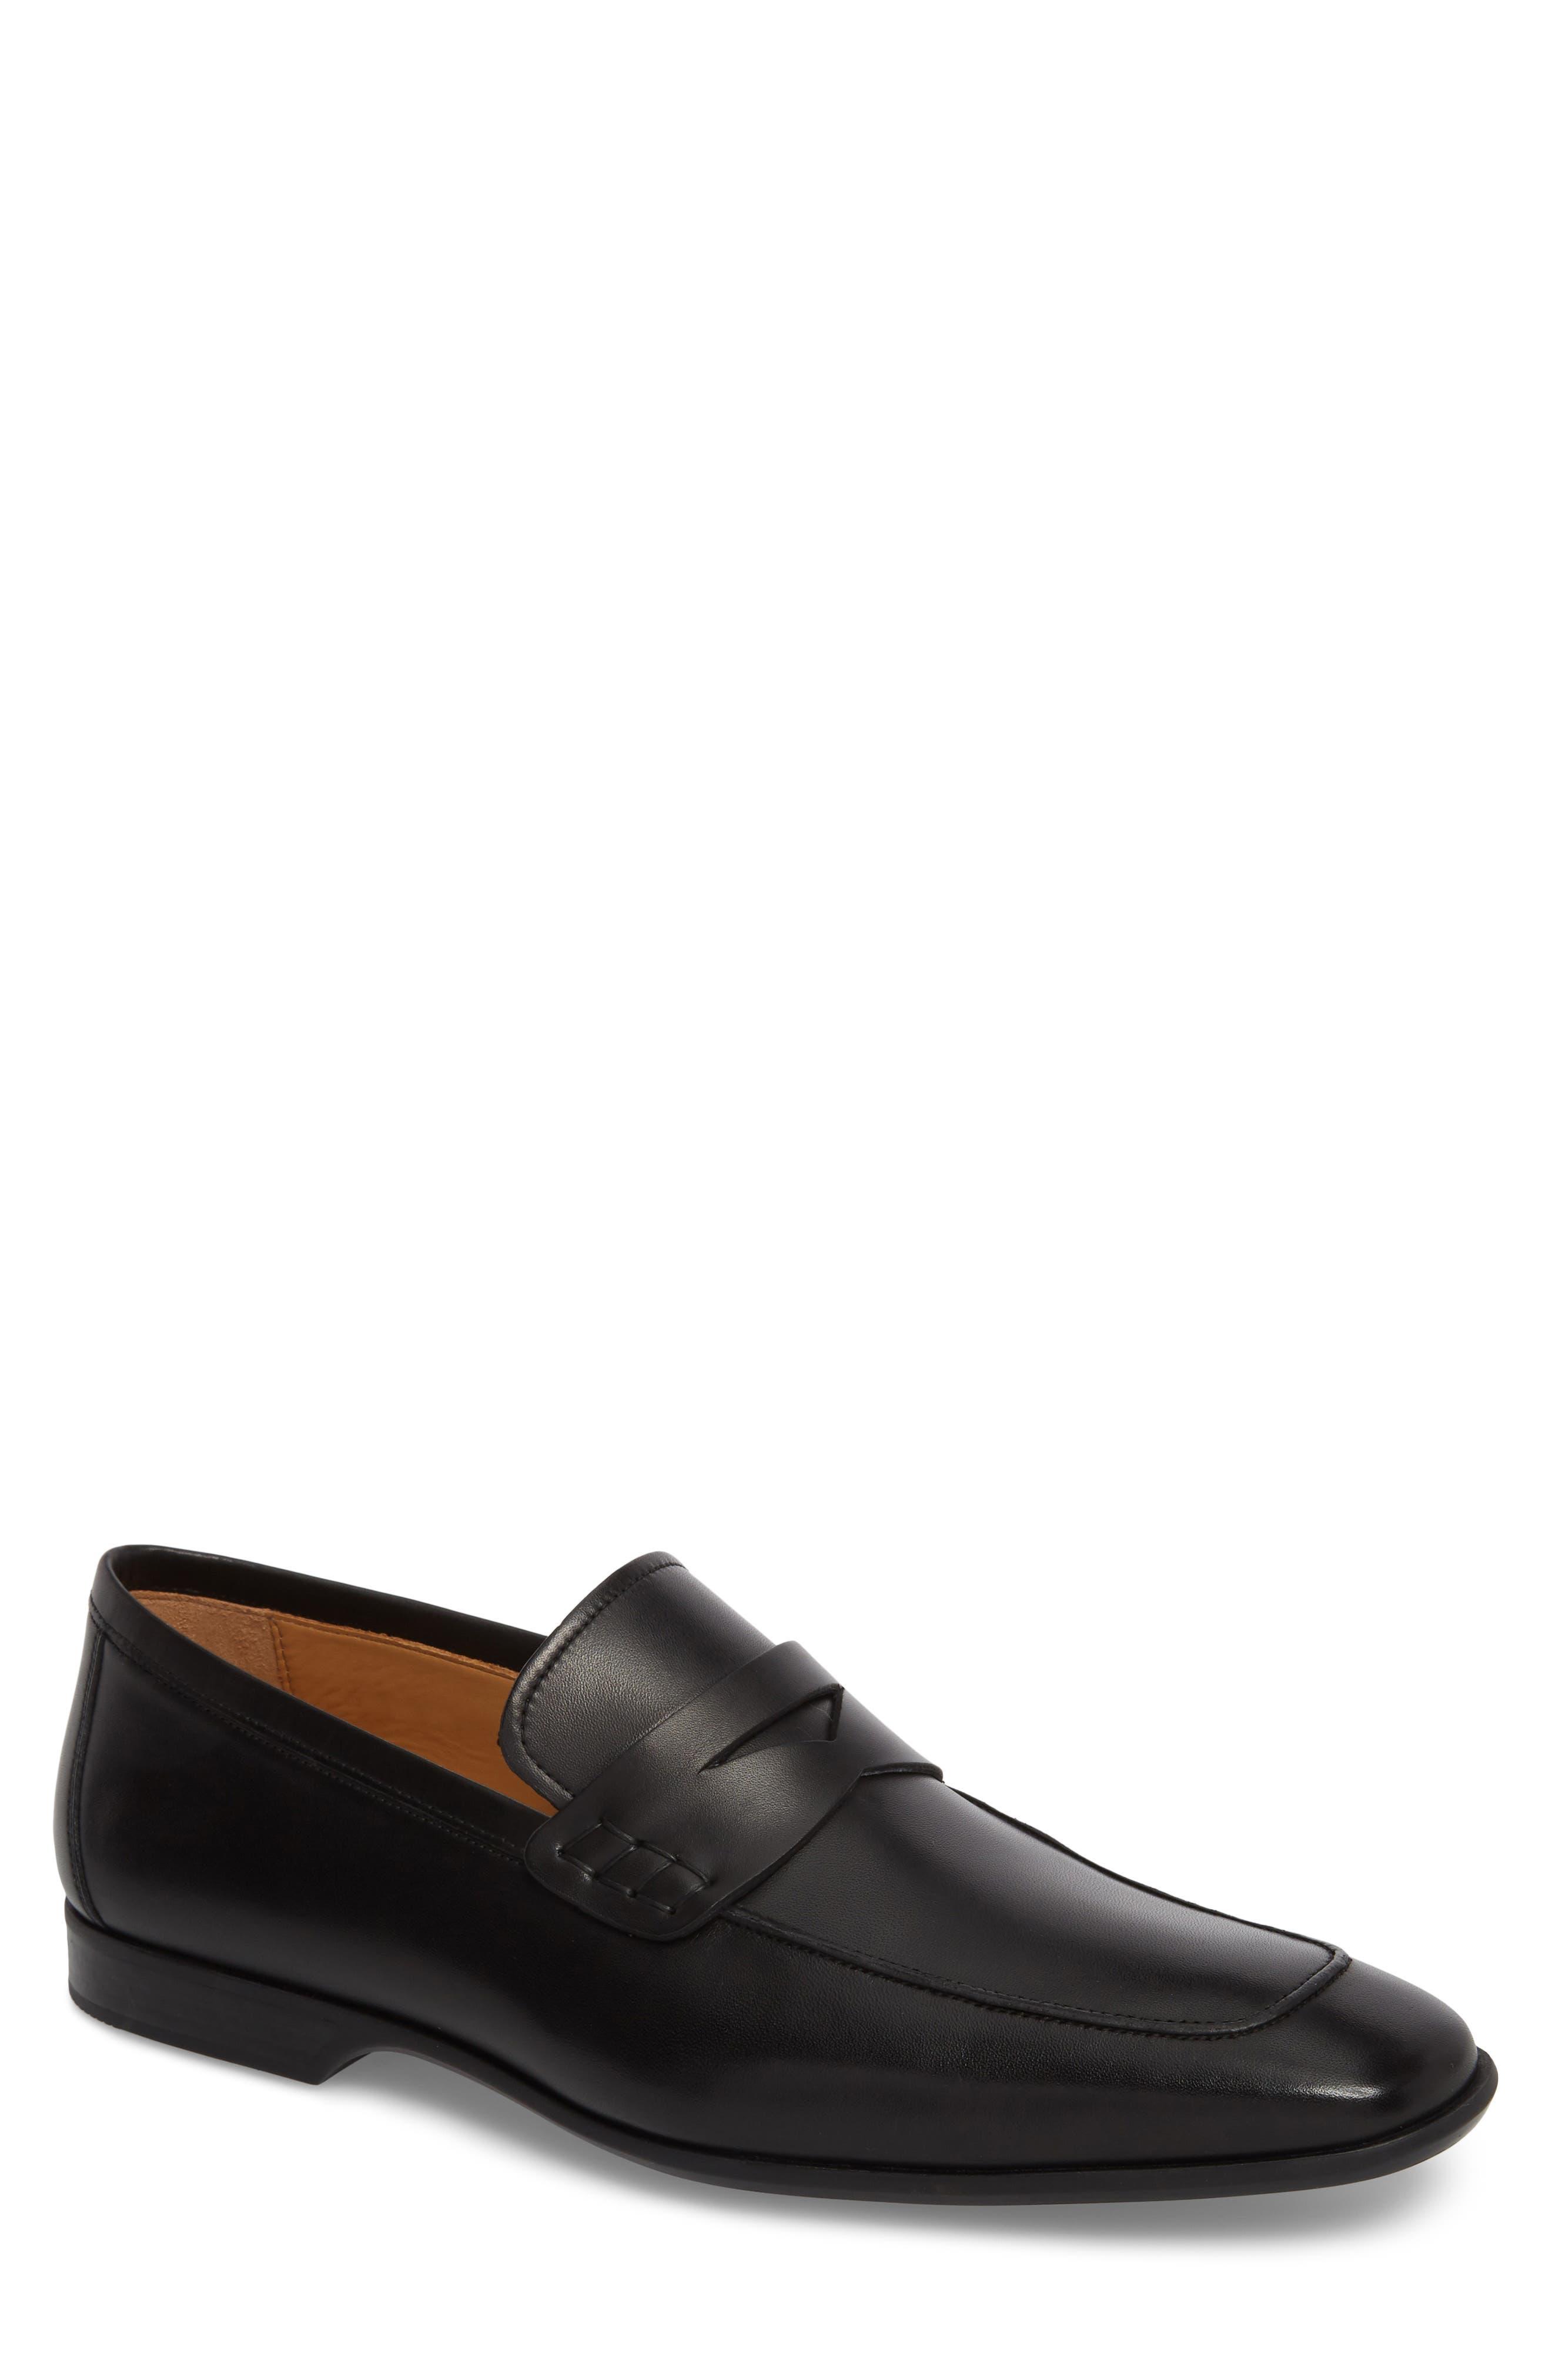 Men's Magnanni Loafers: Sale | Nordstrom